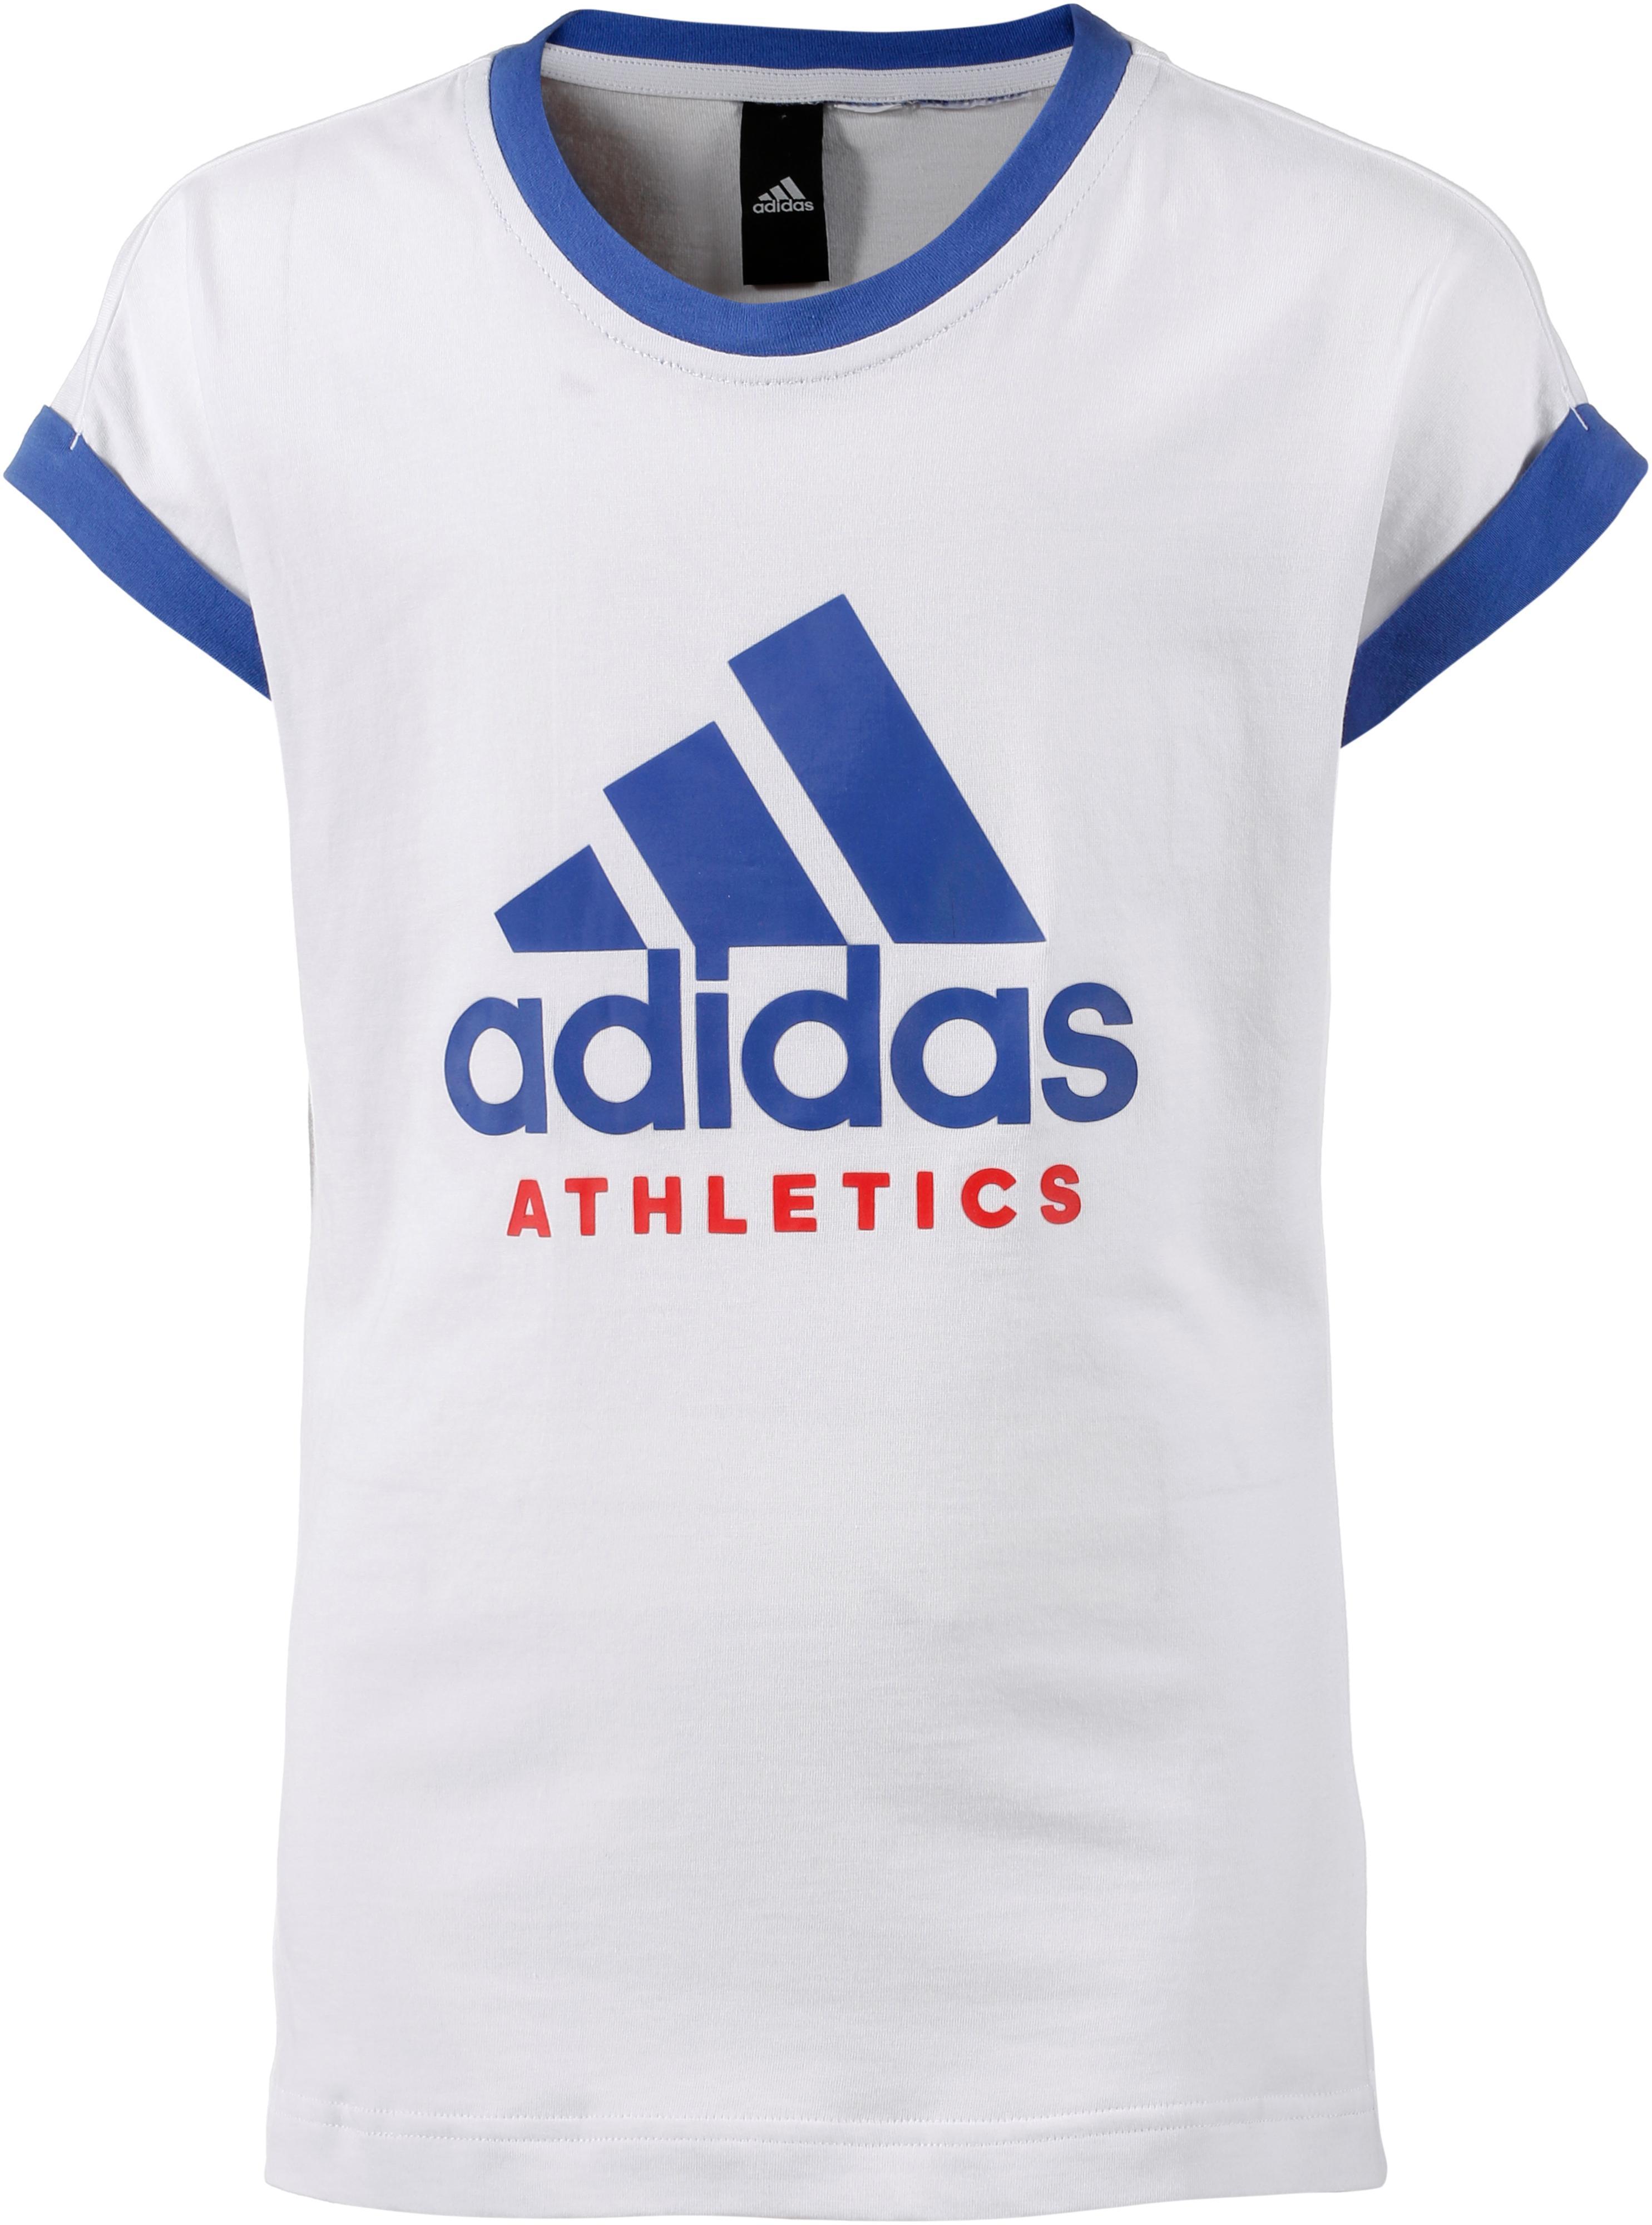 adidas t-shirt mädchen 152